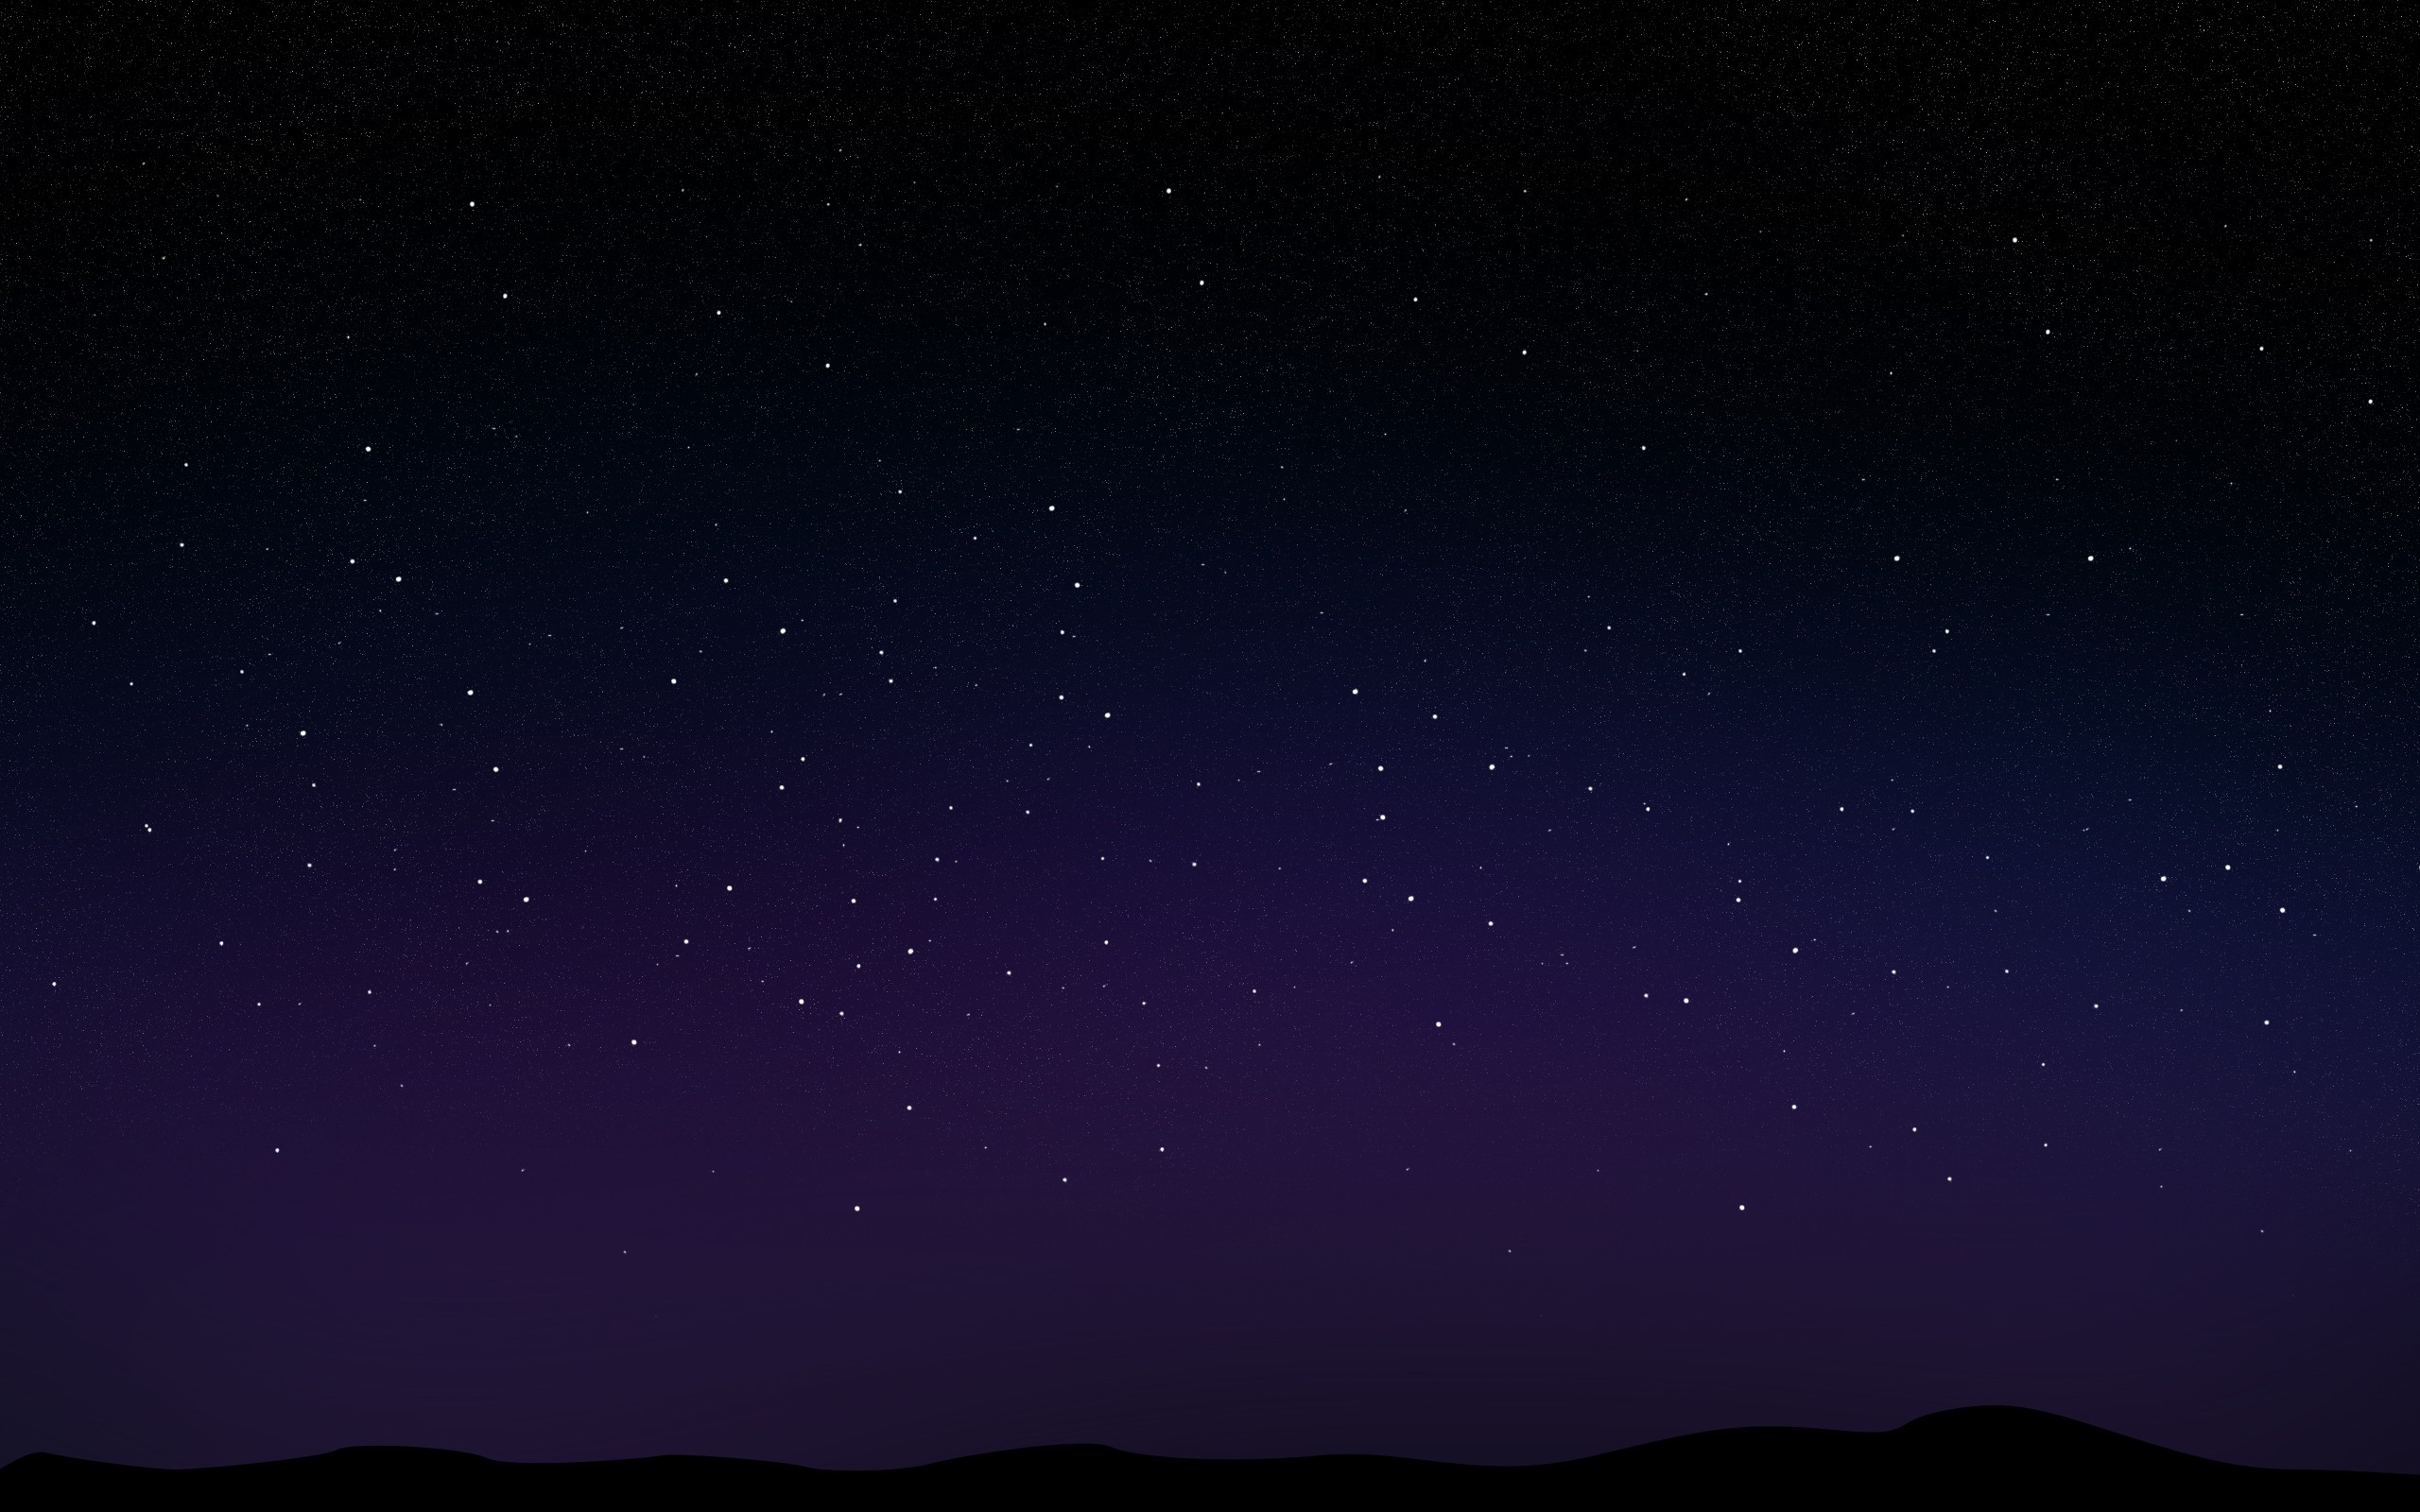 Starry Night Sky wallpapers Starry Night Sky stock photos 2560x1600